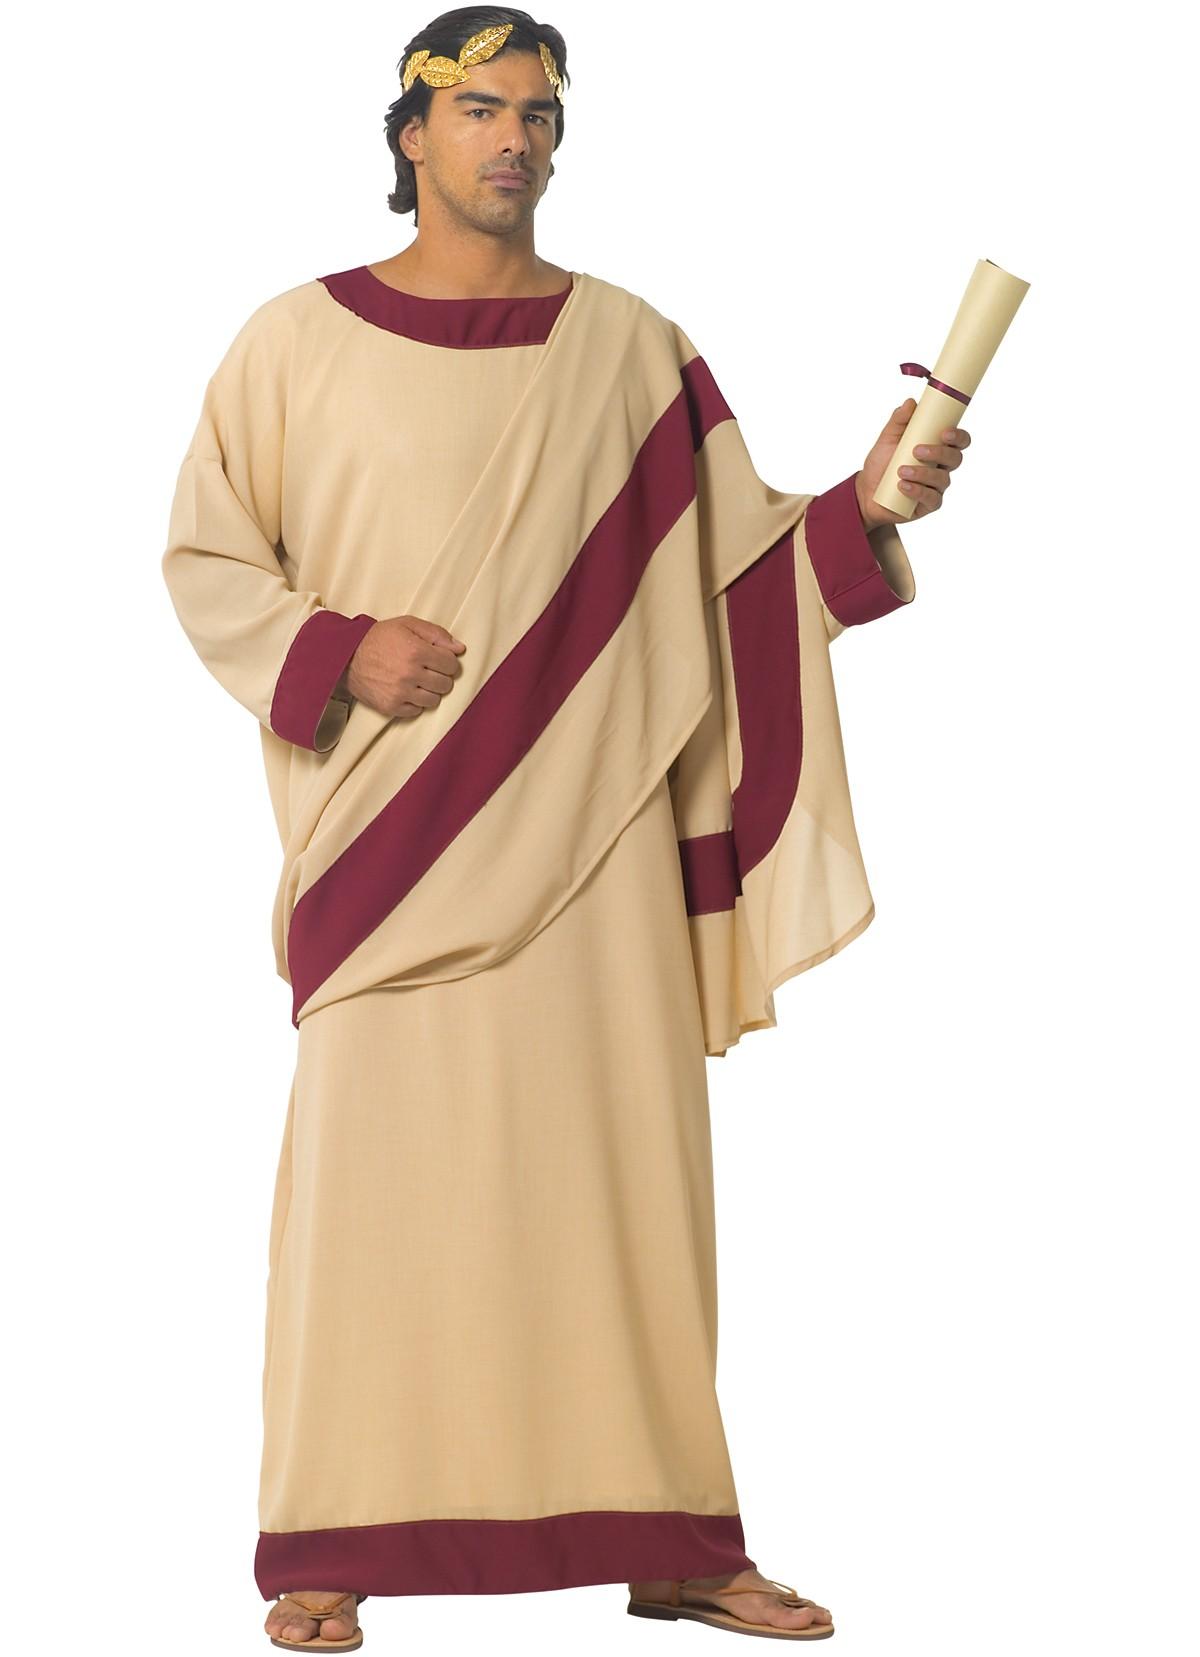 Plus de 1000 id es propos de mod les sur pinterest costume de d esse grecque cles antiques - Deguisement grece antique ...